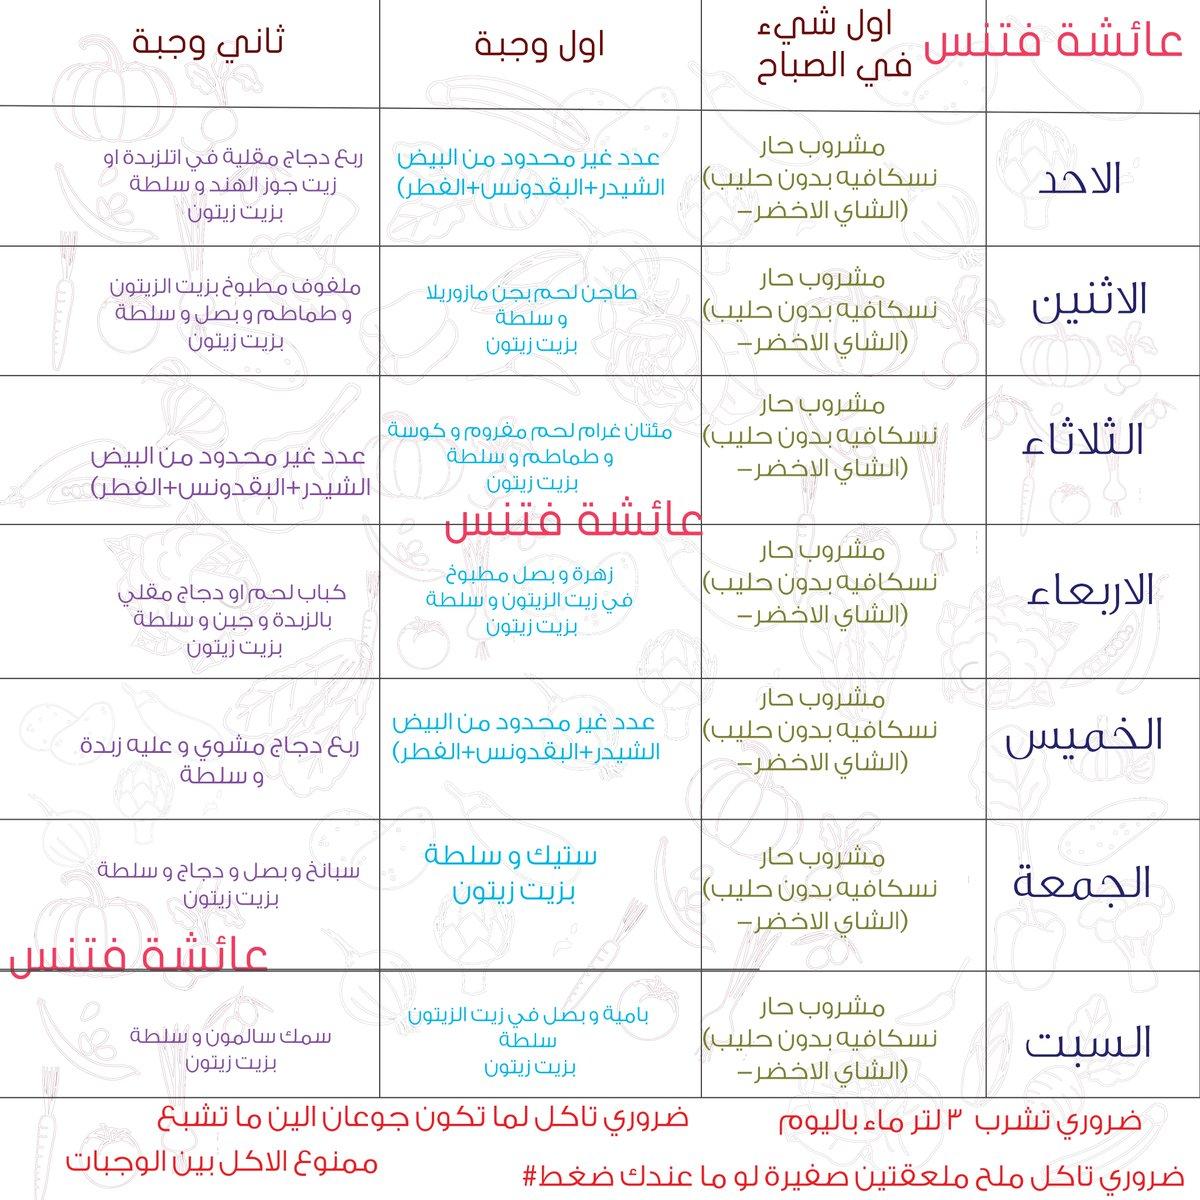 جدول كيتو دايت وصفات و 7